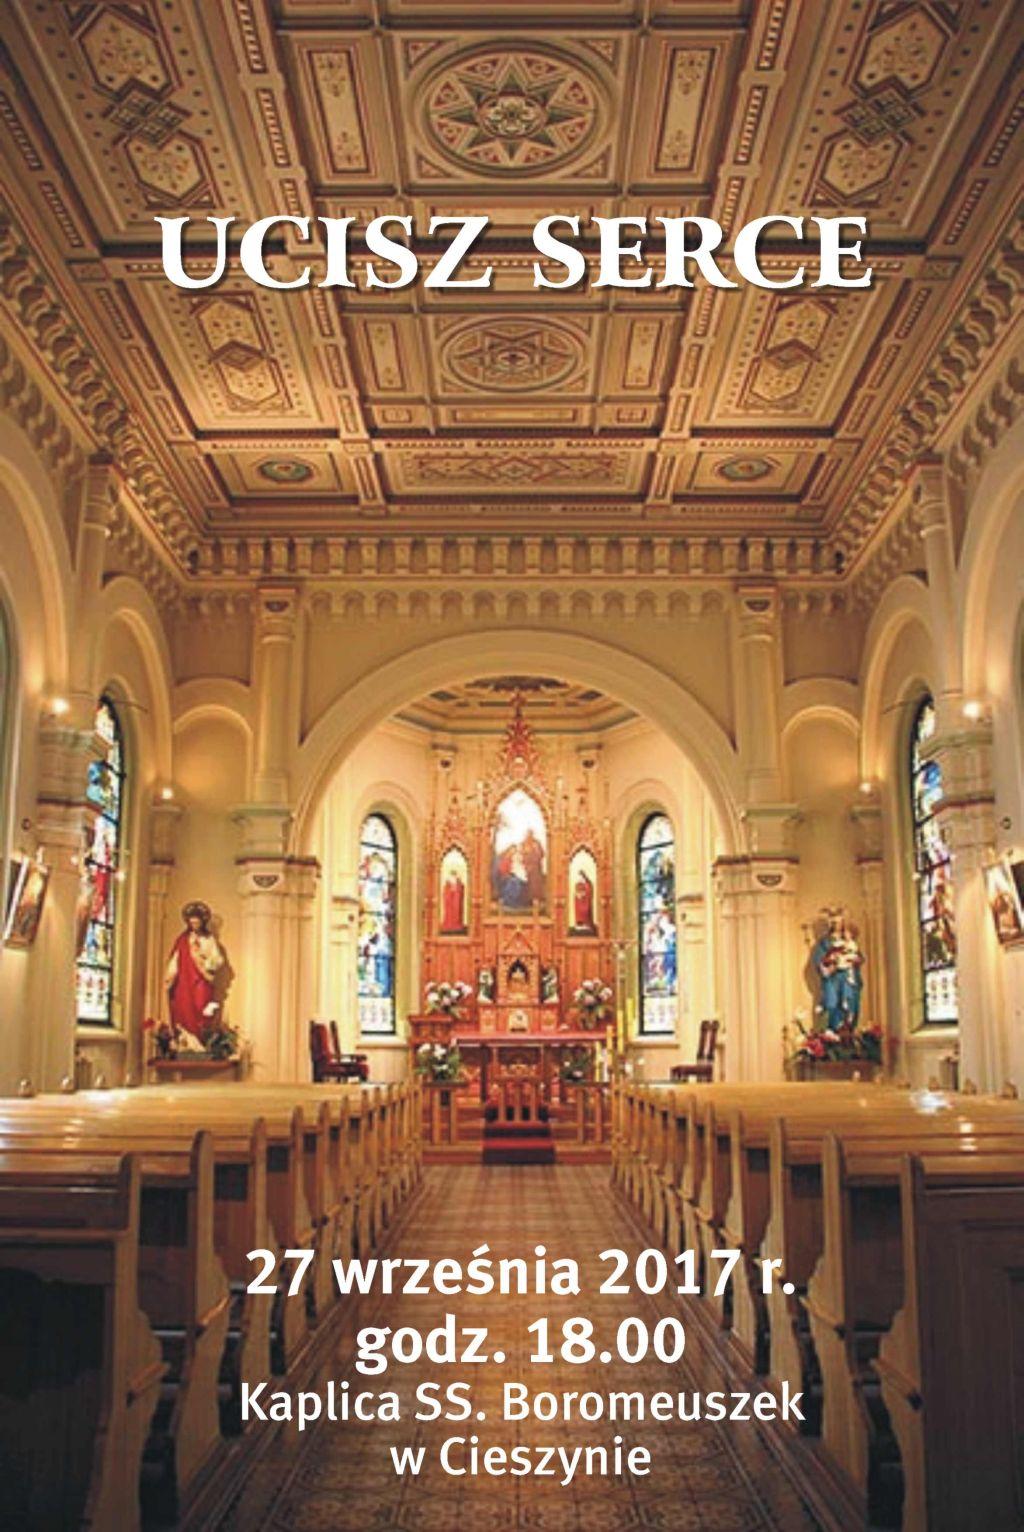 XXVI Festiwal Muzyki Wokalnej Viva il canto (źródło: materiały prasowe organizatora)